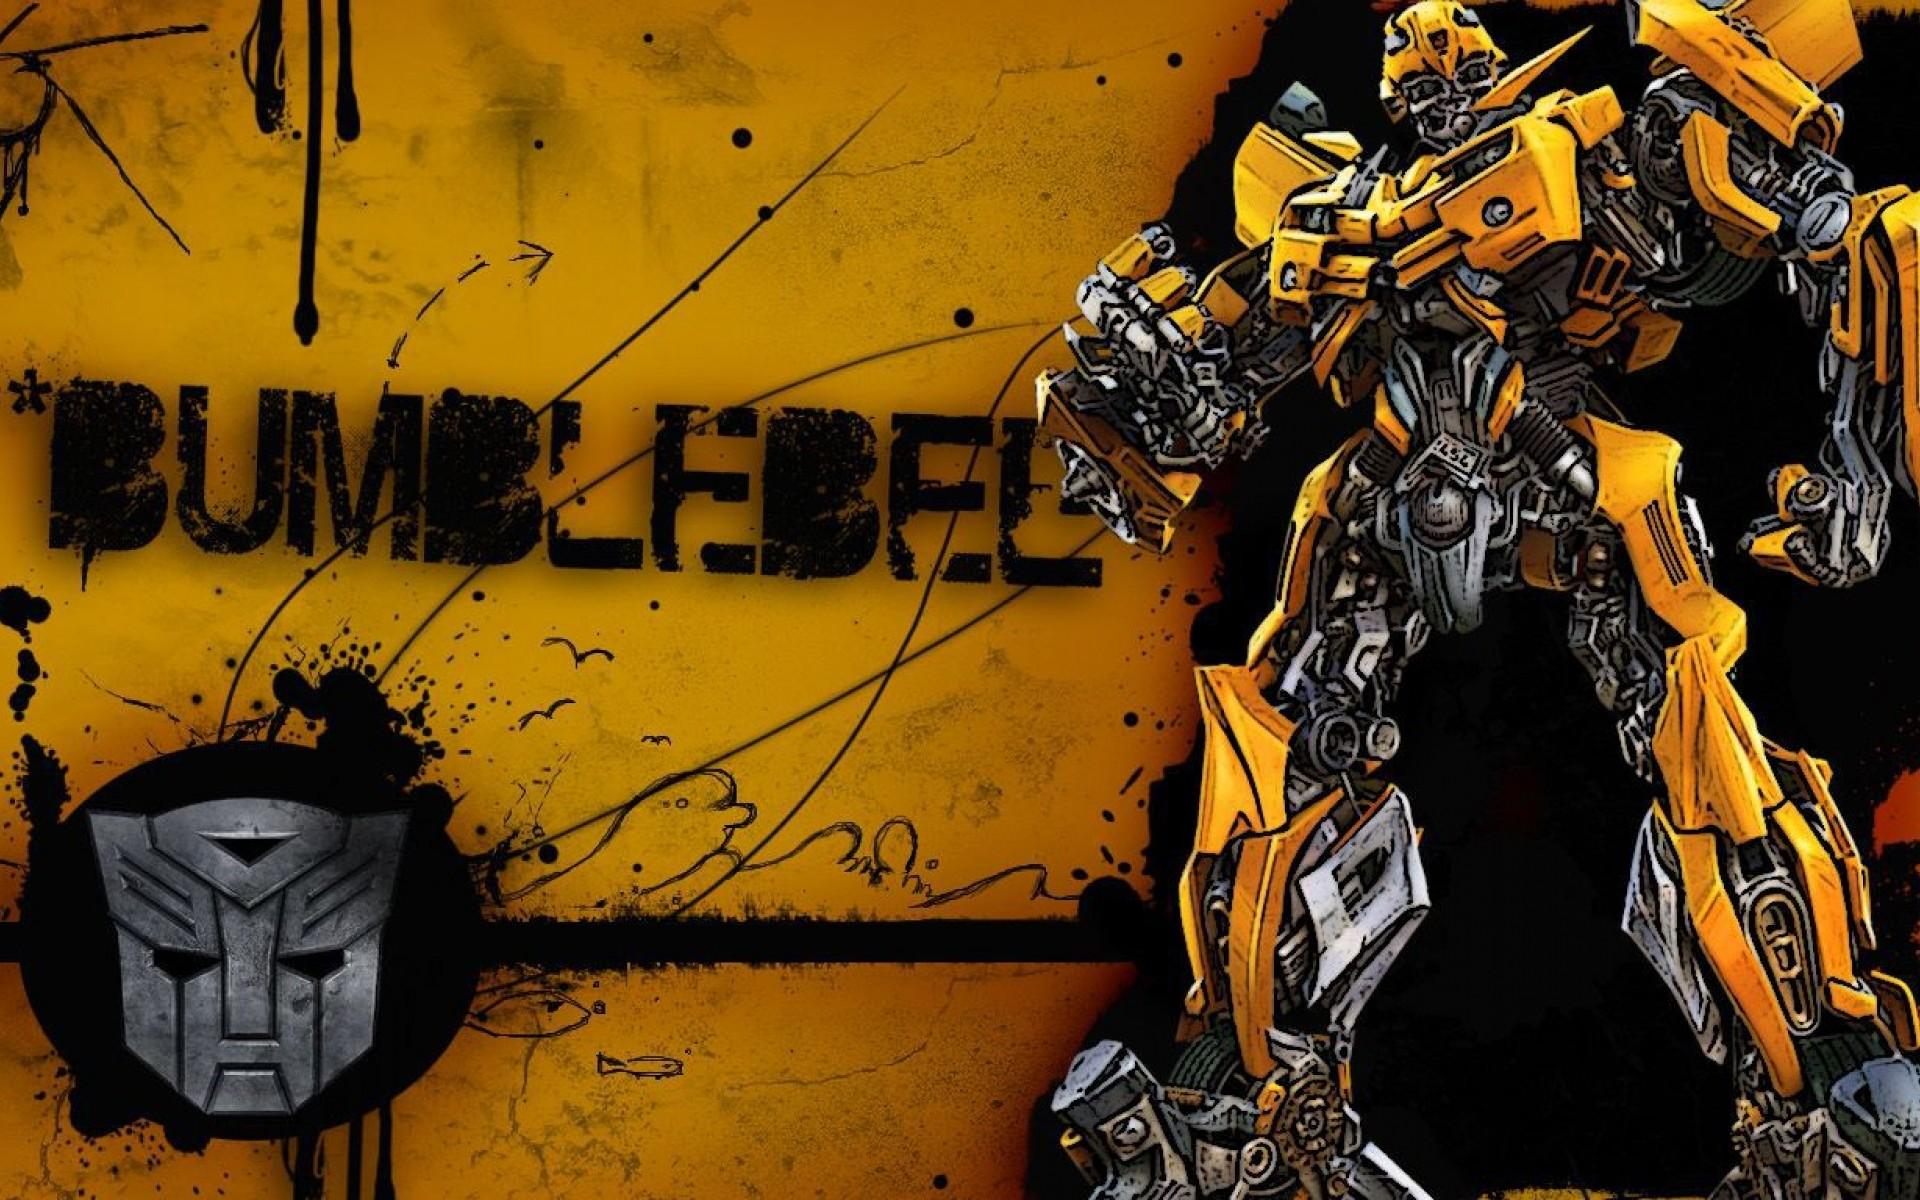 Bumblebee wallpaper 67 images - Bumblebee desktop wallpapers ...